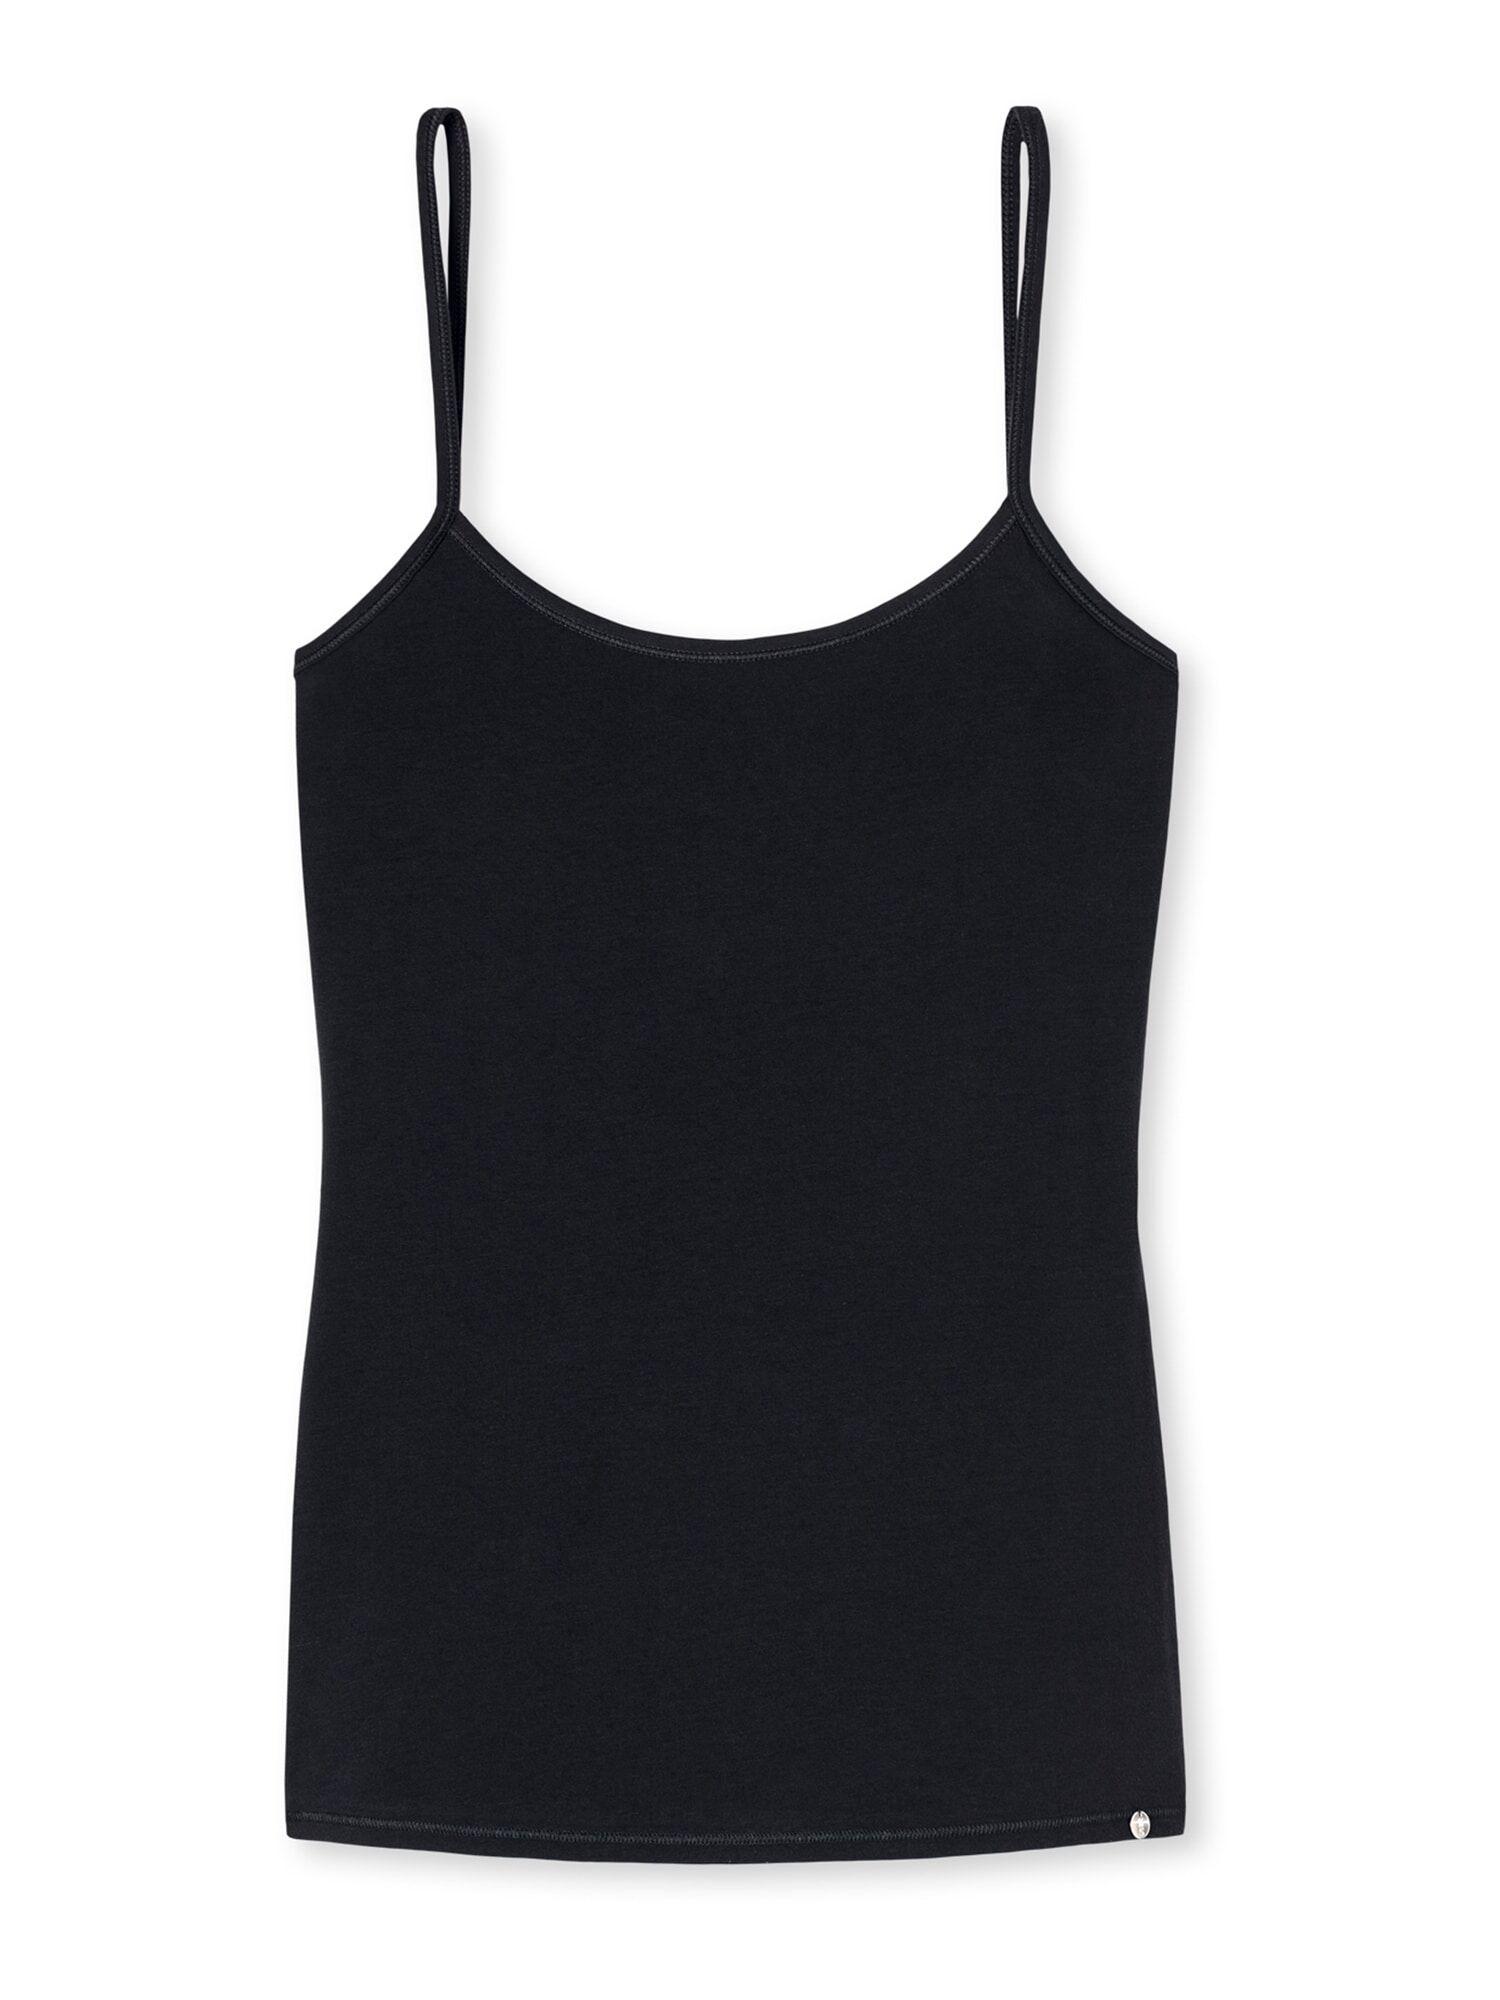 SCHIESSER Haut ' 95/5 '  - Noir - Taille: 40 - female